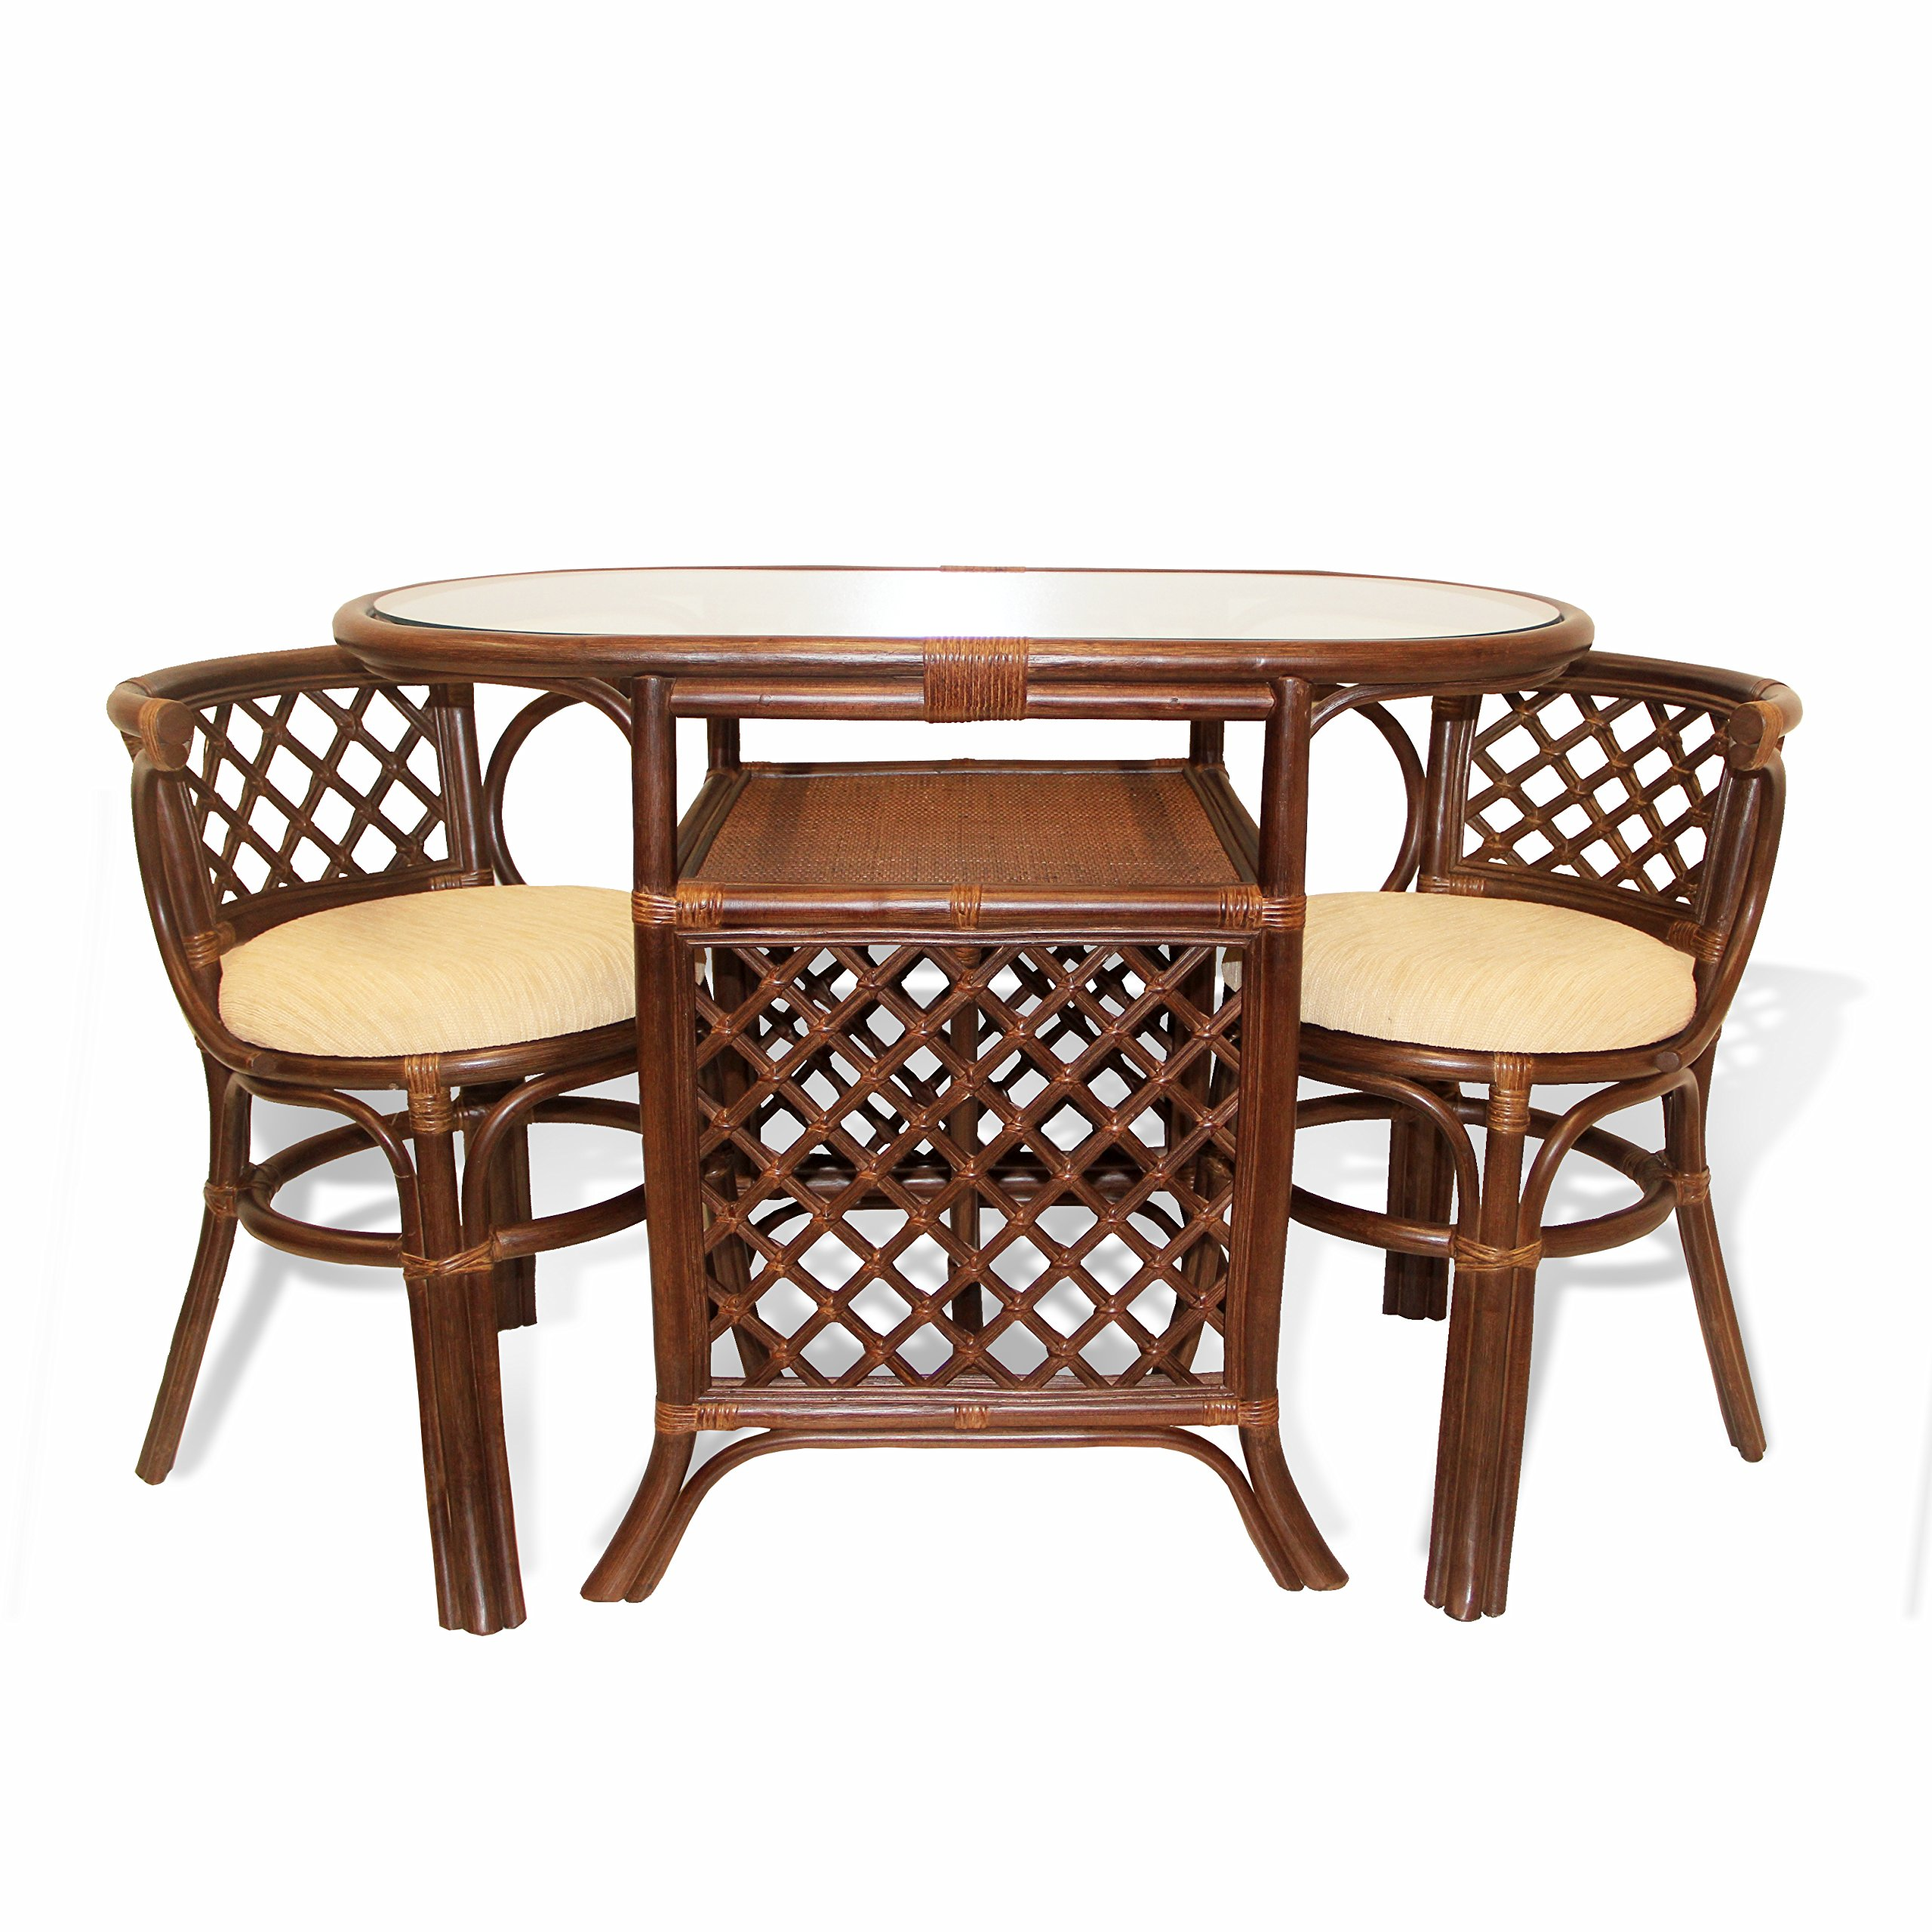 Cheap Dark Rattan Chairs find Dark Rattan Chairs deals on line at